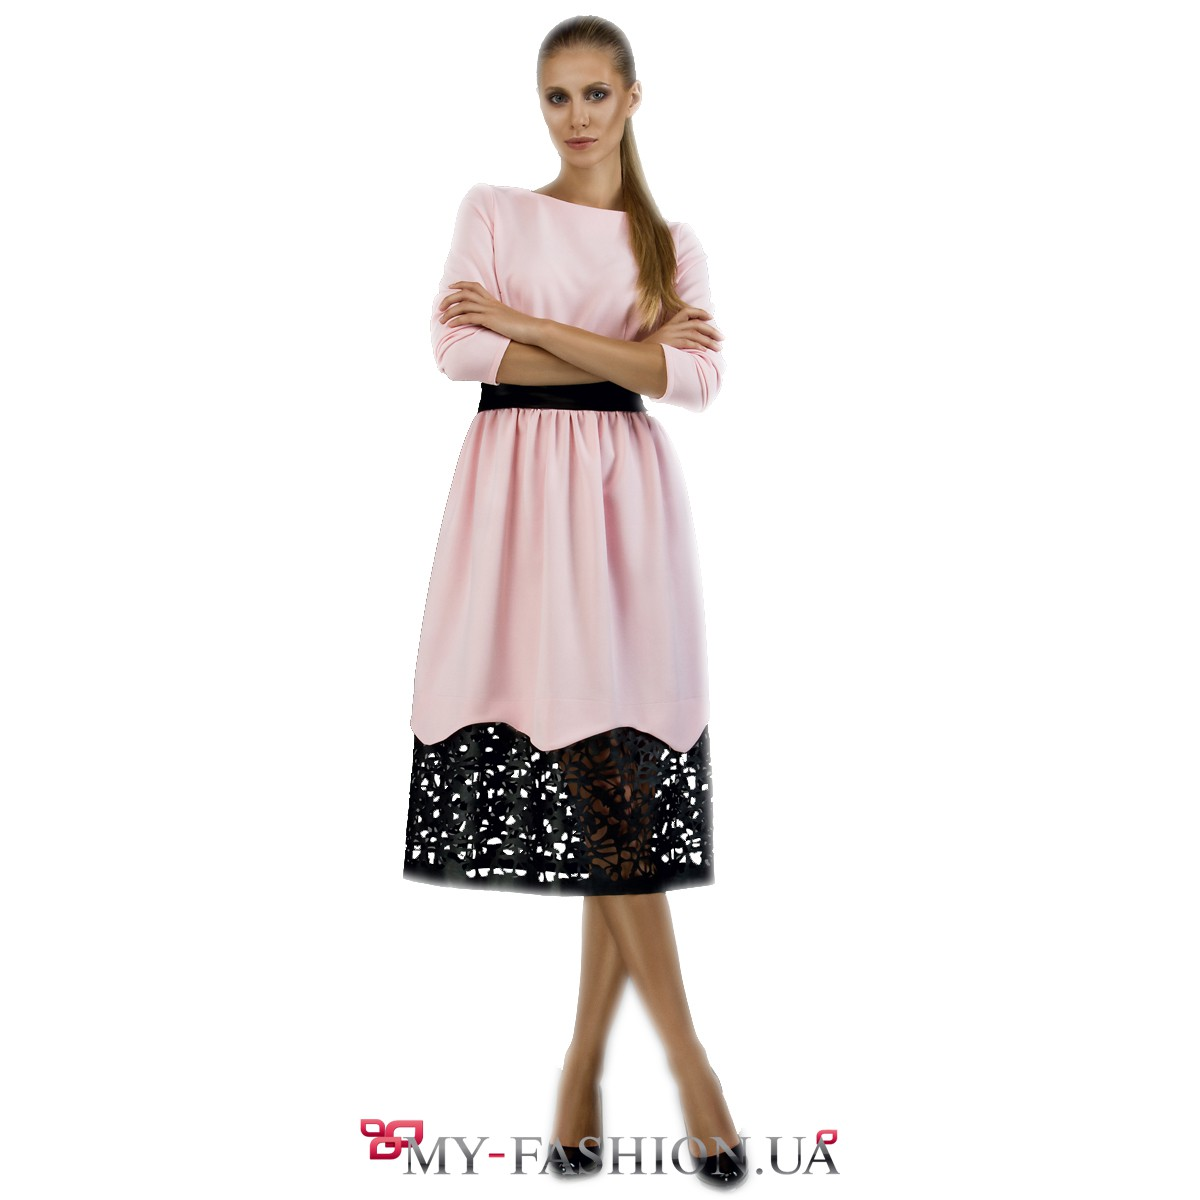 Платье с перфорацией купить в интернет магазине